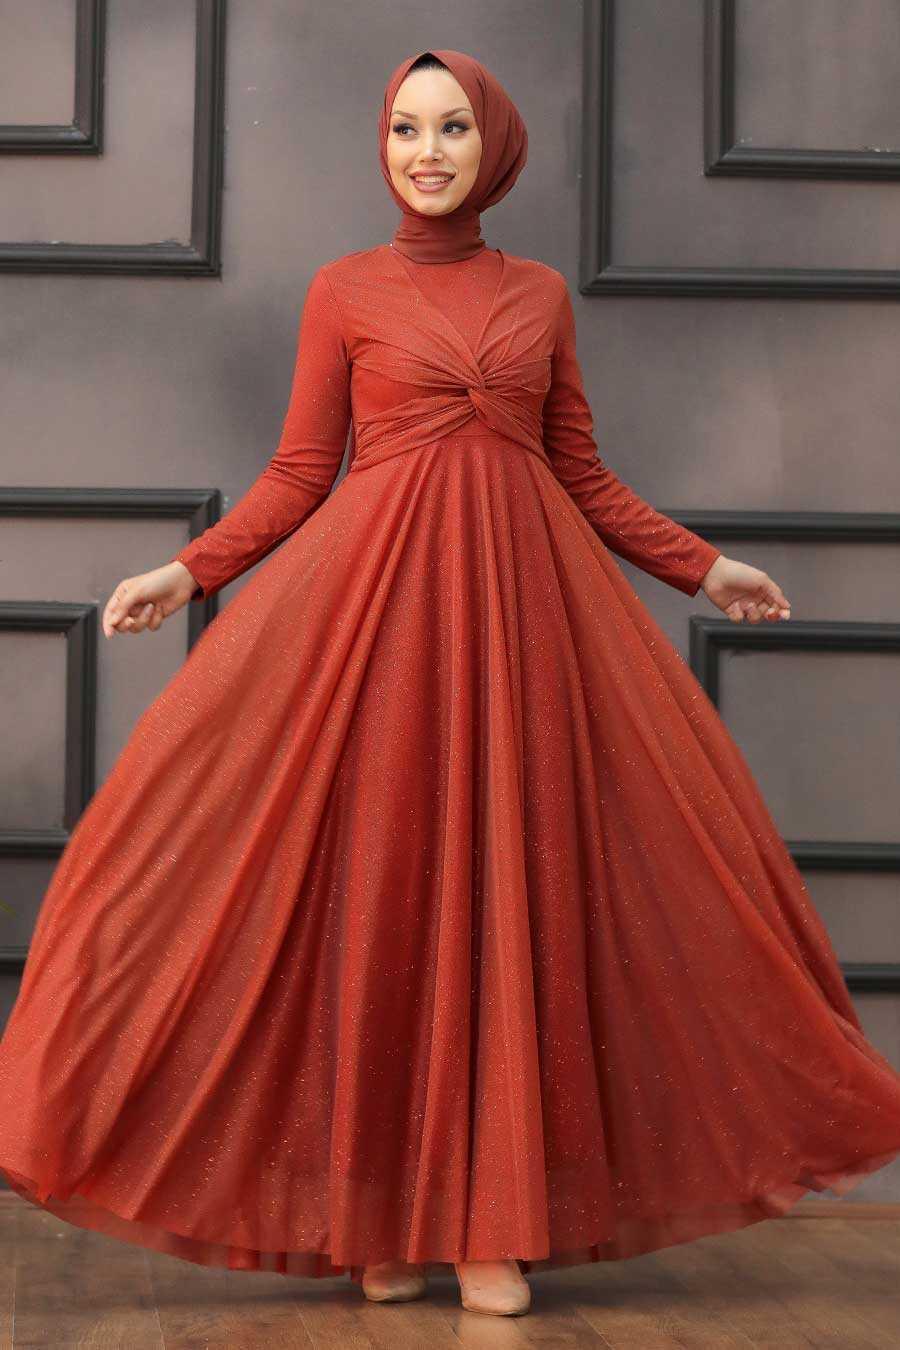 Terra Cotta Hijab Evening Dress 5397KKRMT